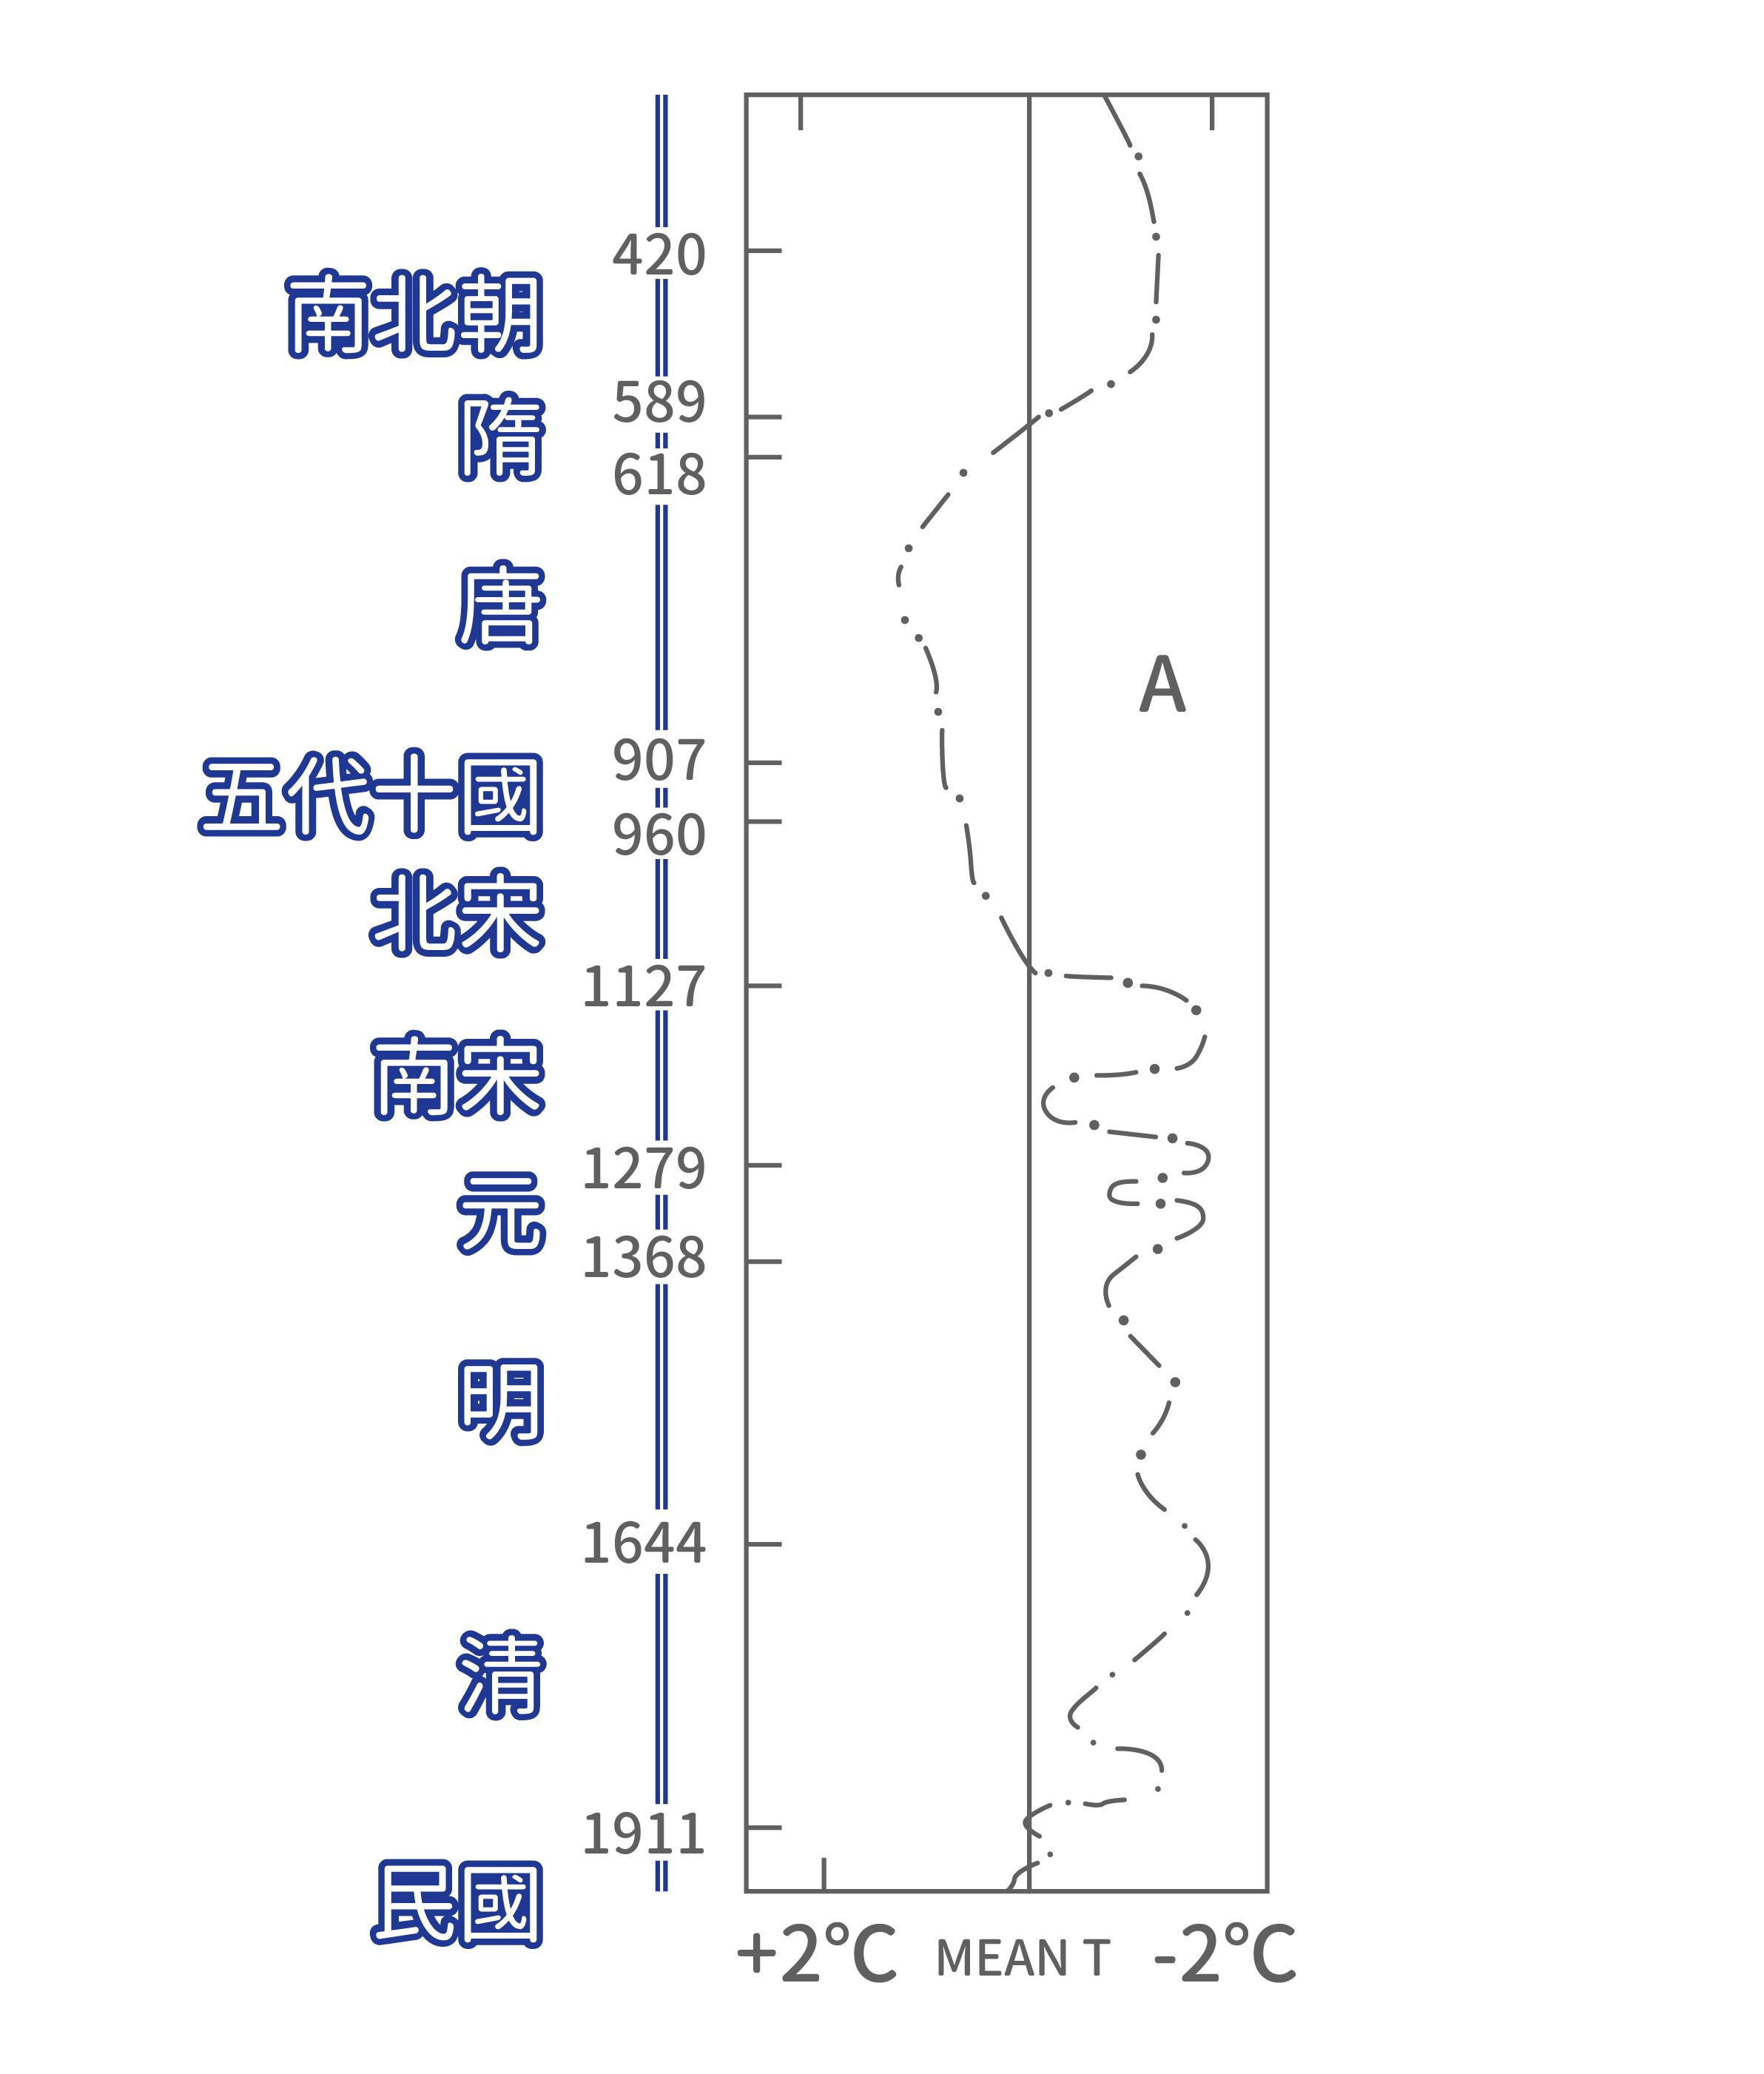 中國歷史氣溫變化曲線 (竺可楨,1973)。資料來源│王寳貫提供 圖說重製│歐柏昇、張語辰